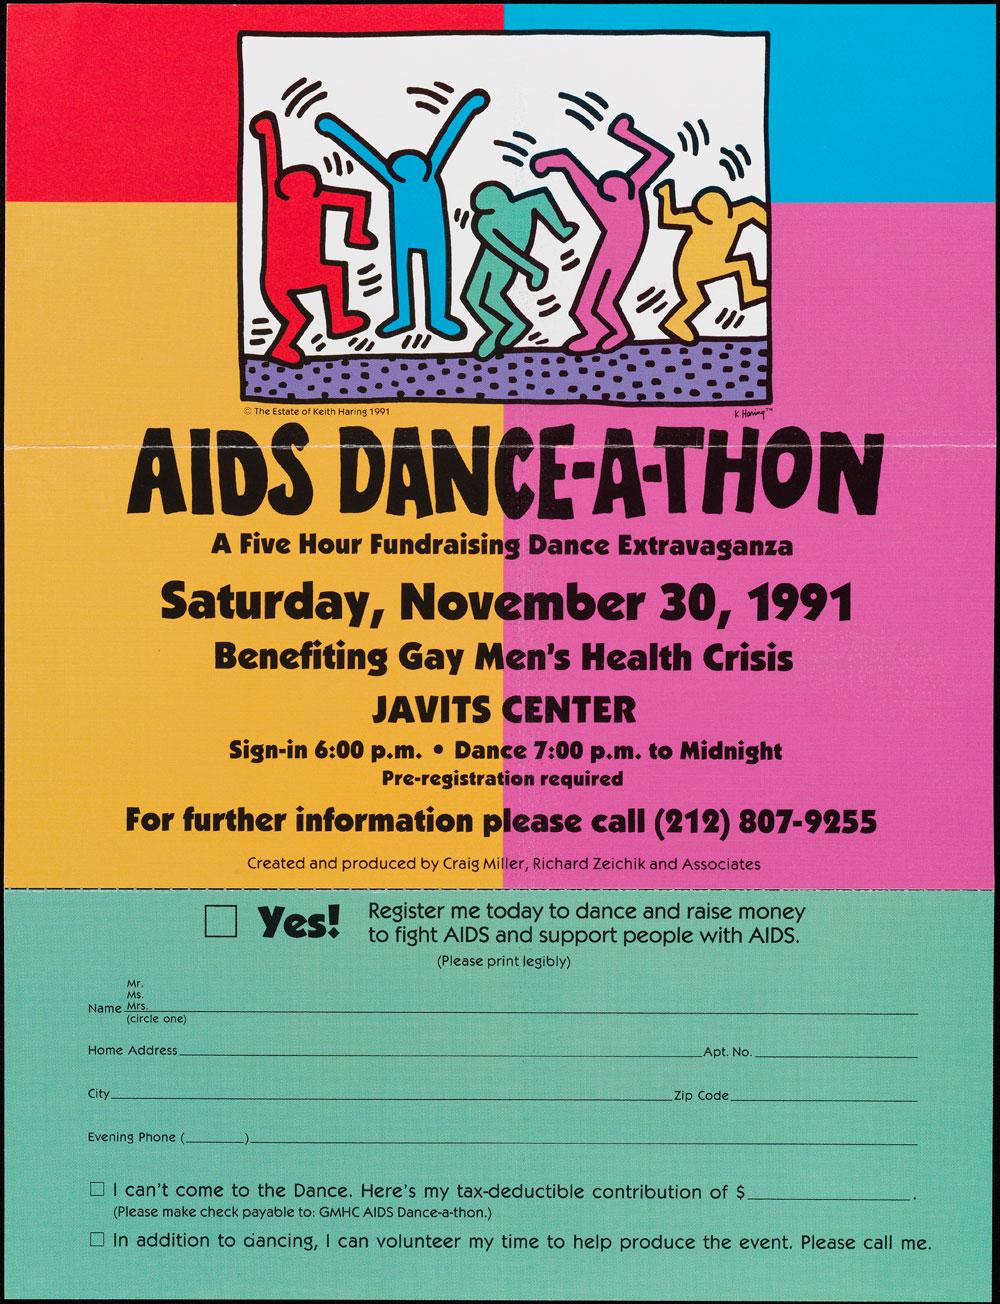 Gay Men's Health Crisis, 1991 flyer